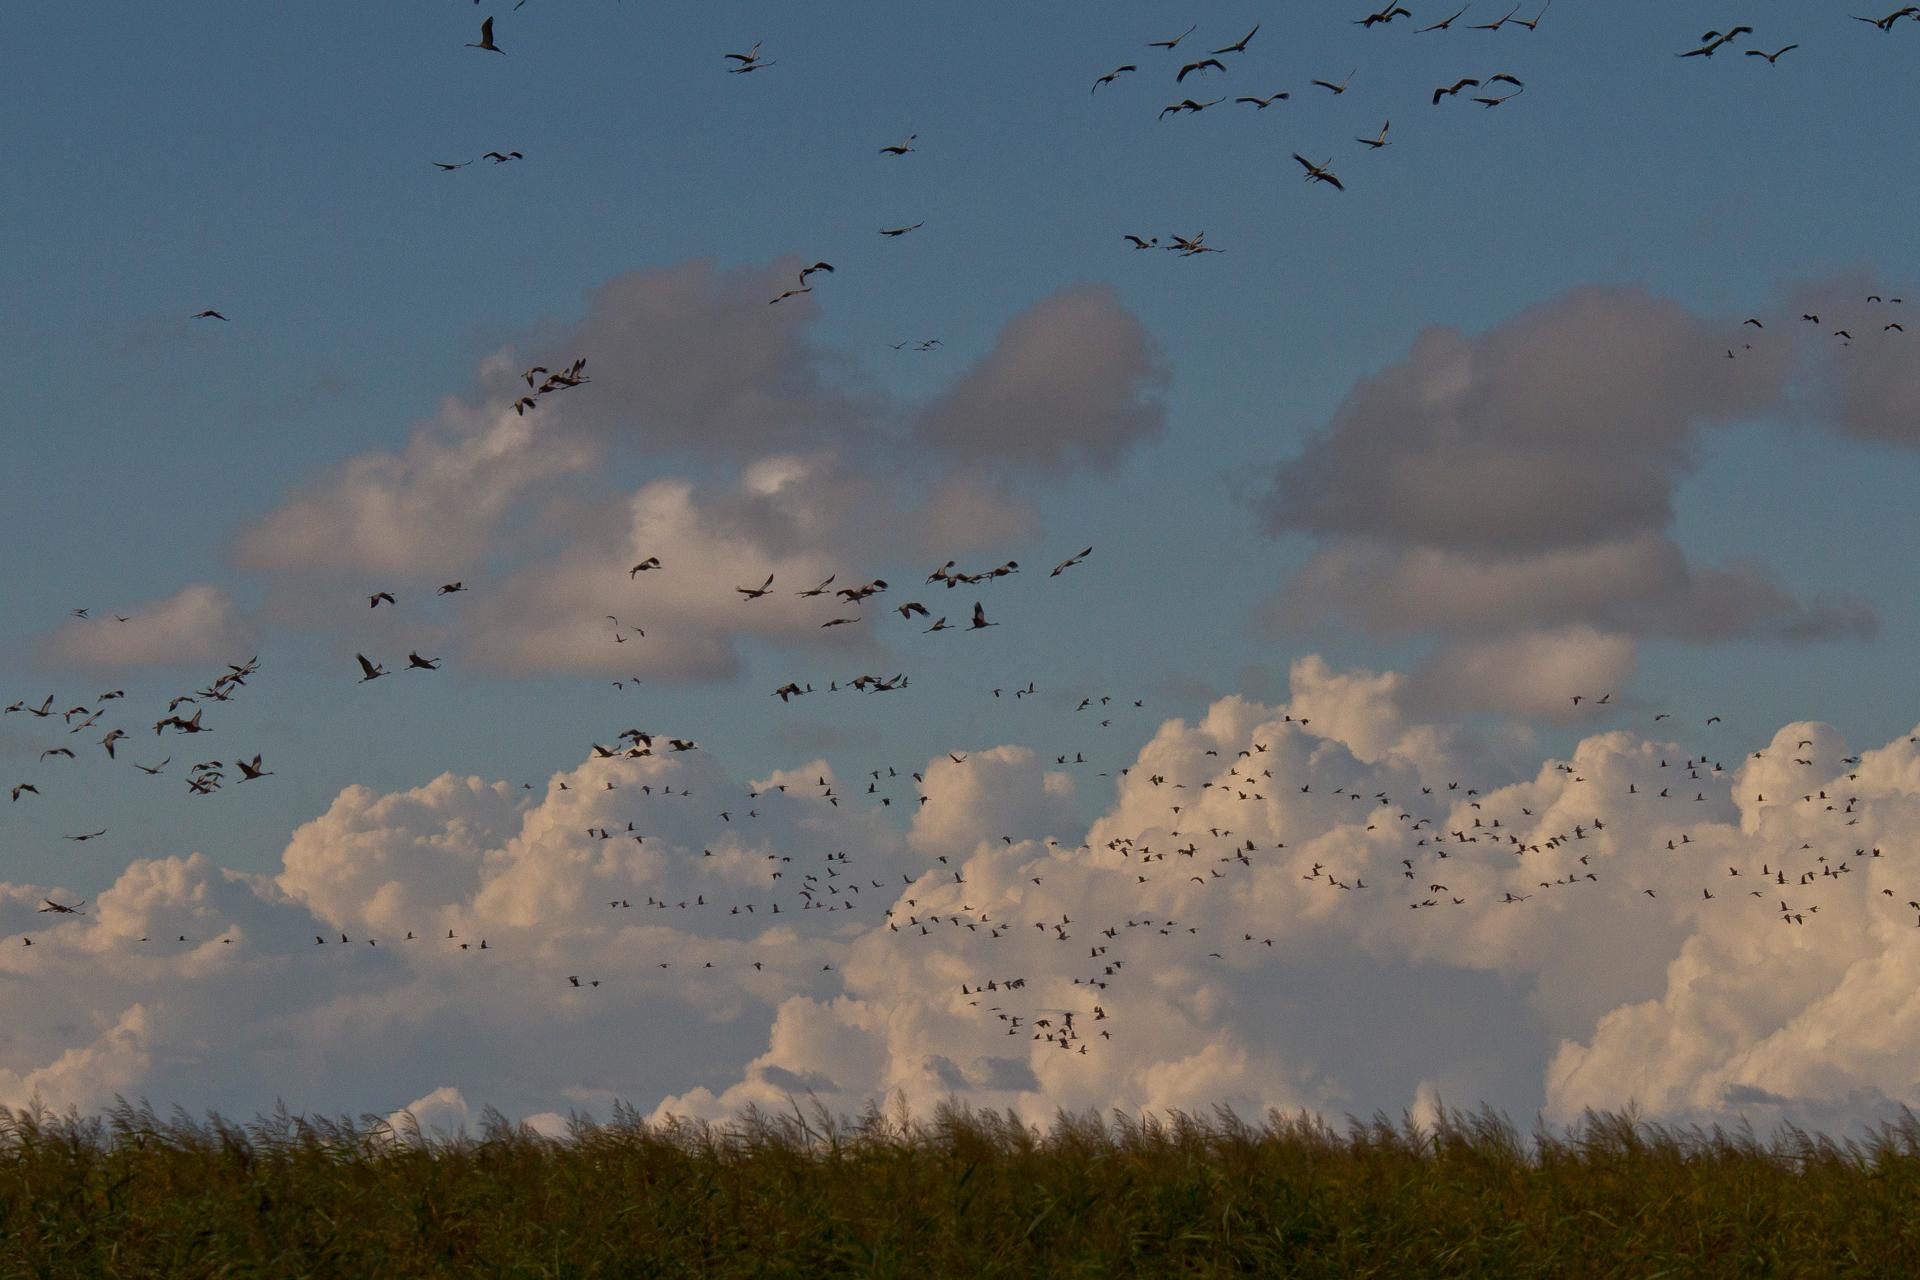 ... ausser wenn alle hochfliegen, aufgeschreckt durch irgendeine Störung. Inzwischen ziehen Wolken auf.